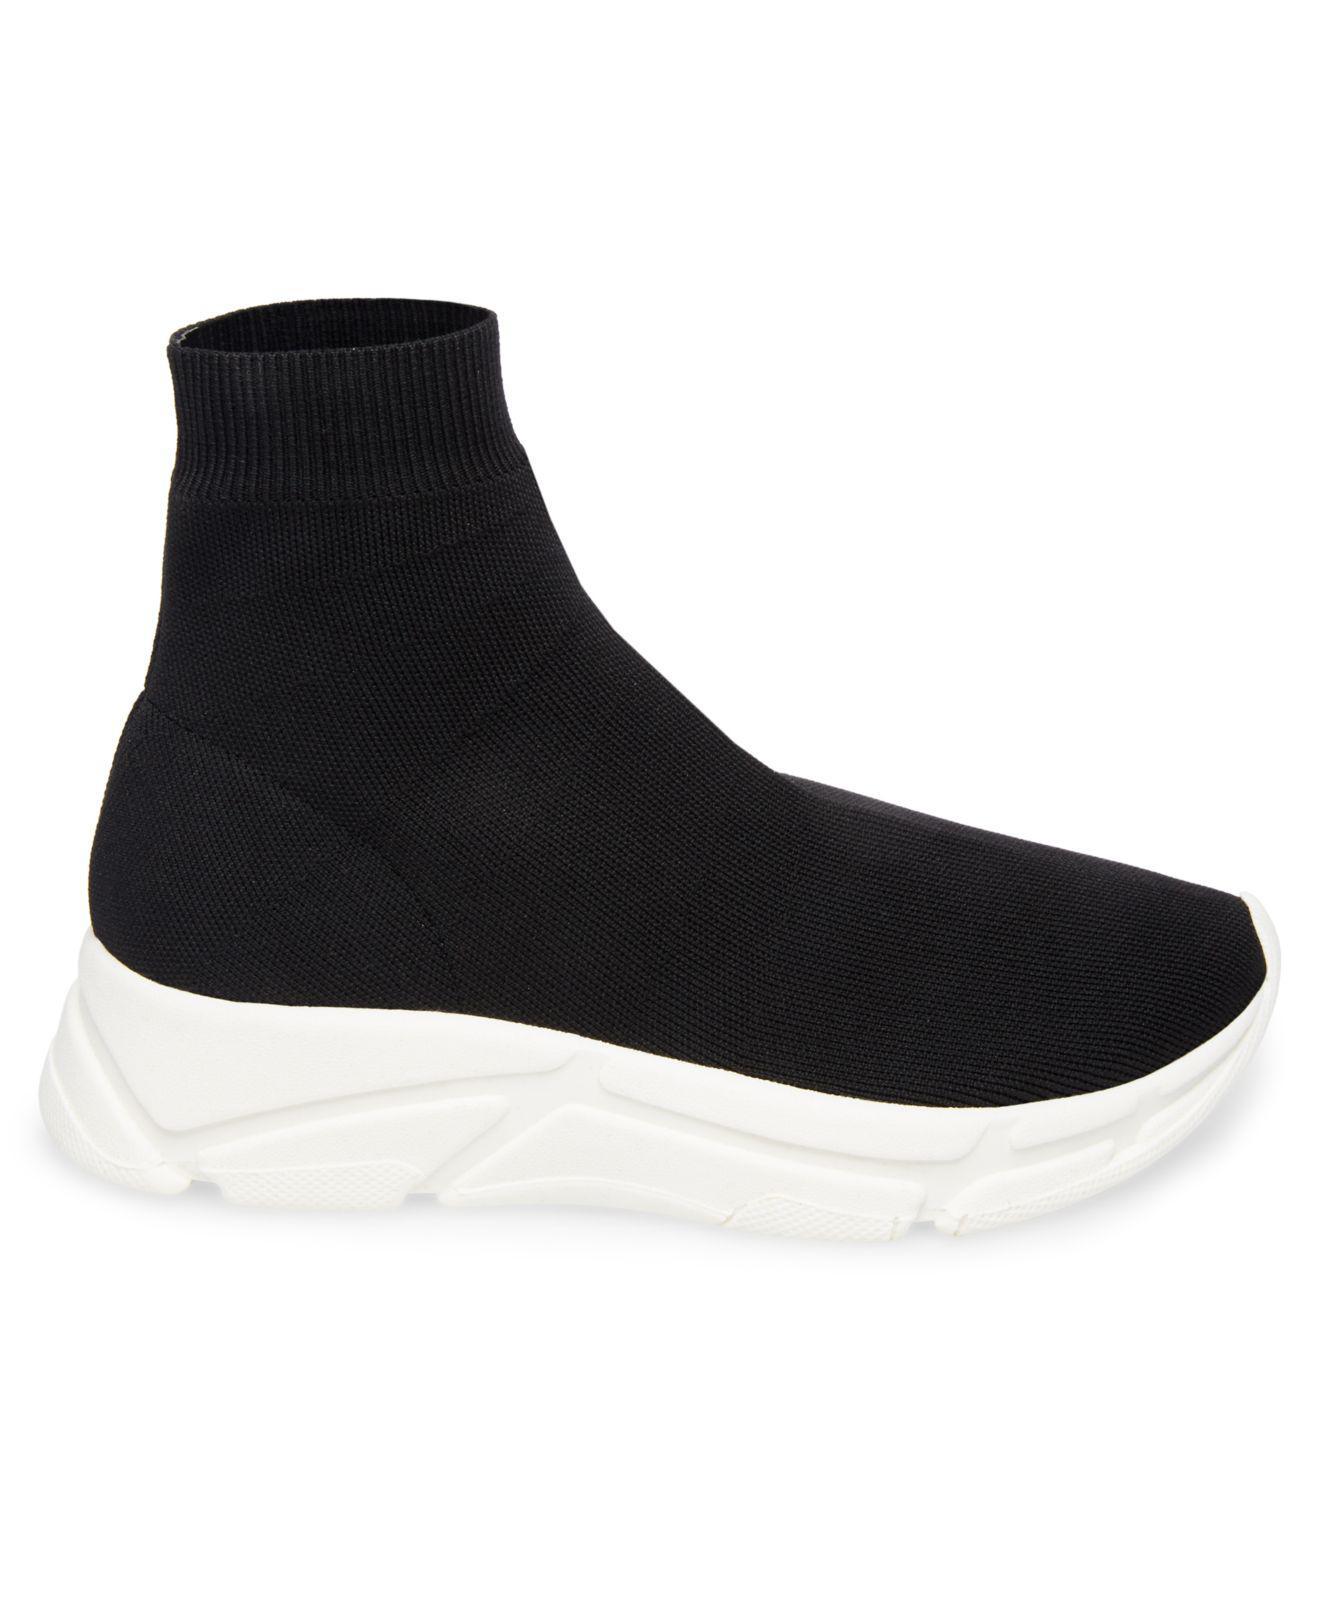 980e8f31d36 Lyst - Steve Madden Bitten Flyknit Sneakers in Black